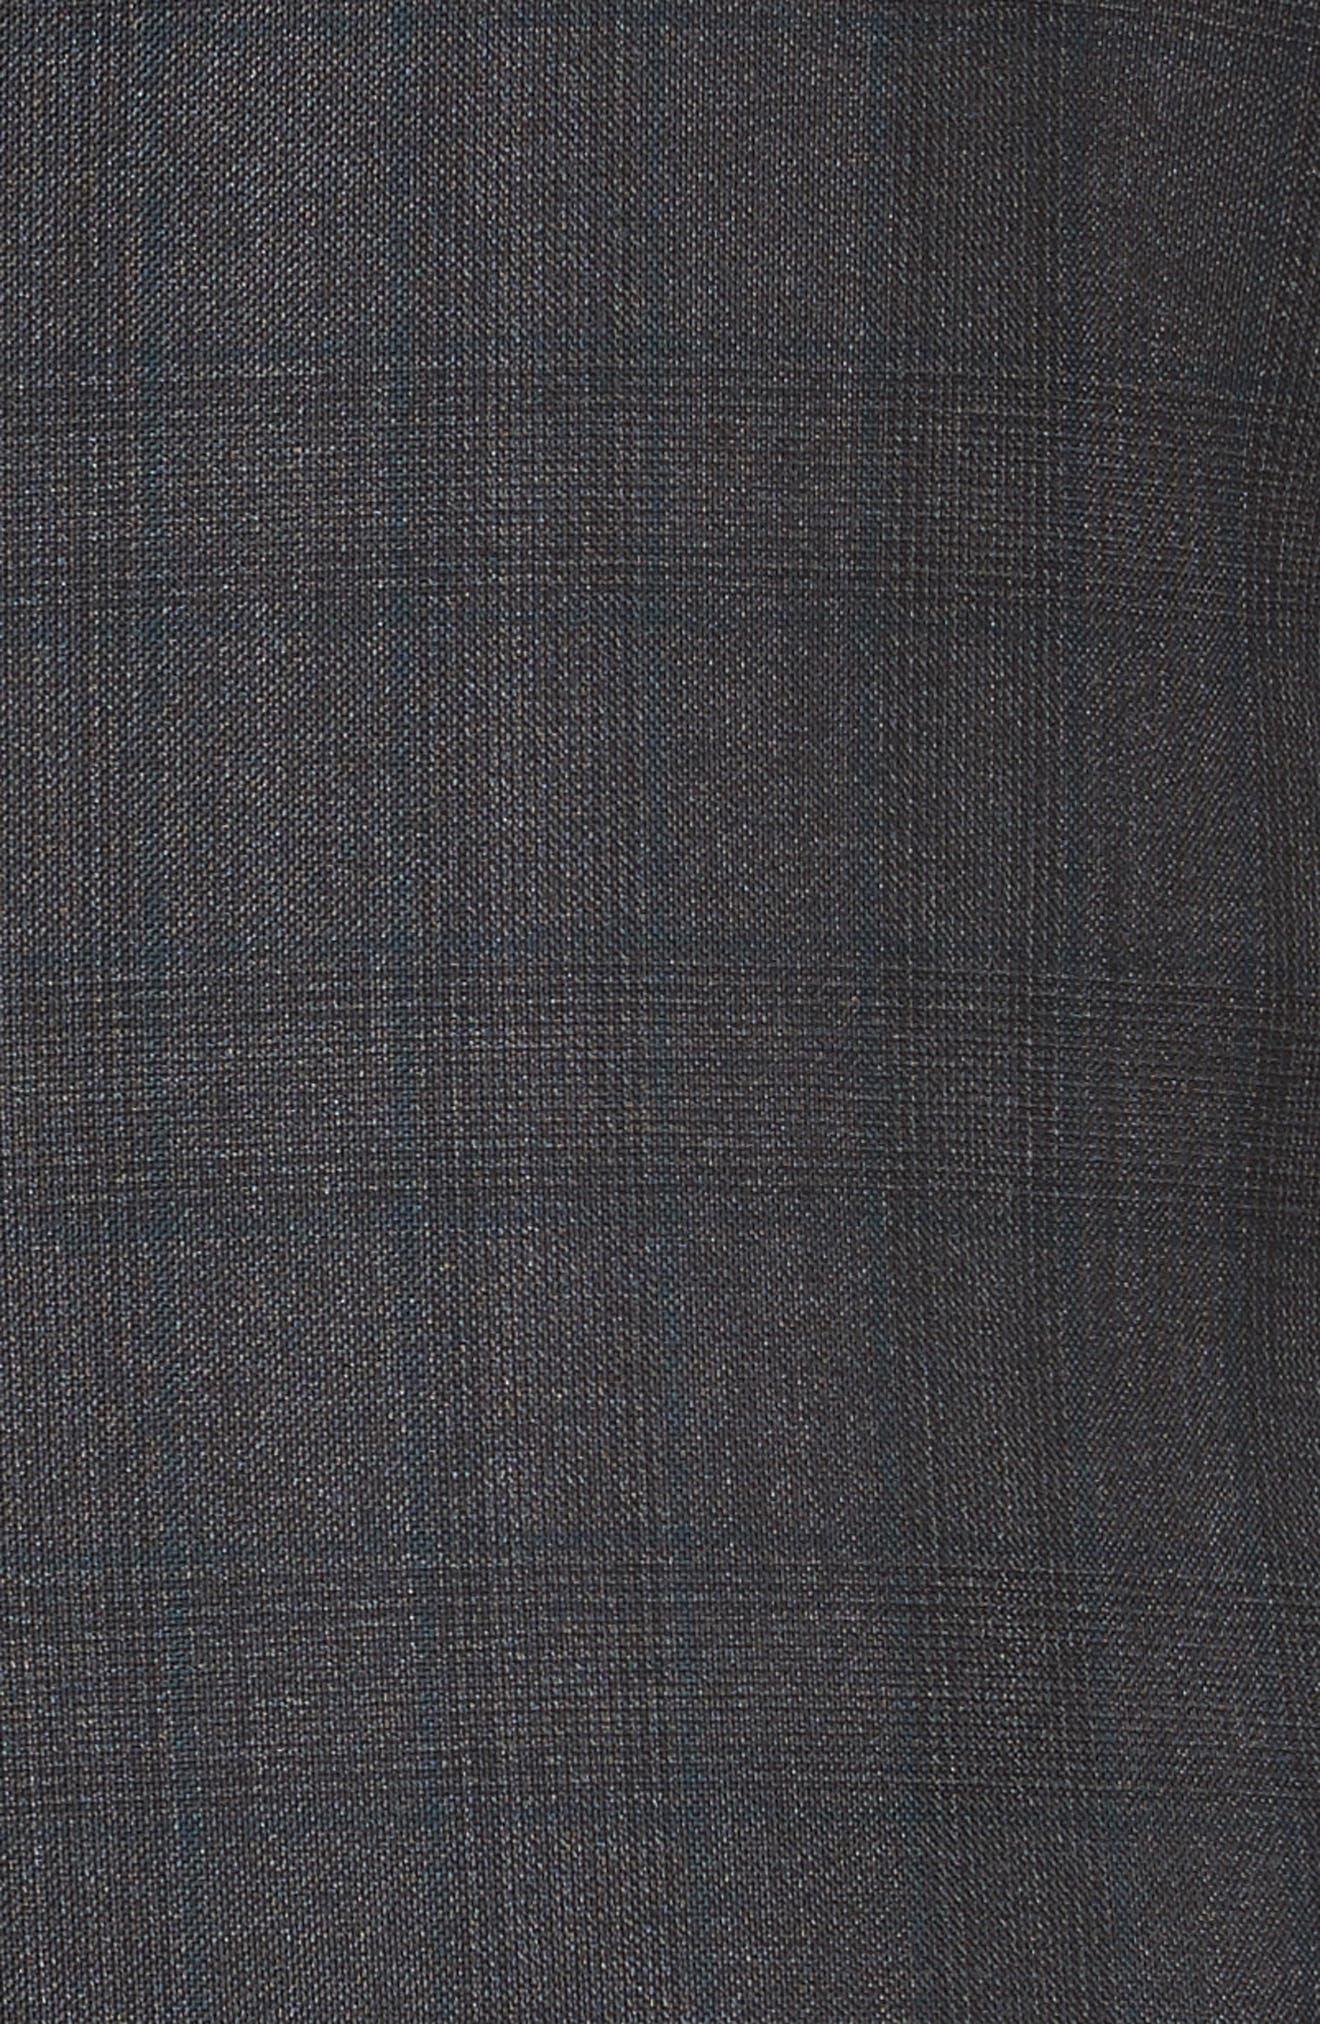 Alternate Image 5  - Z Zegna Classic Fit Plaid Wool Suit